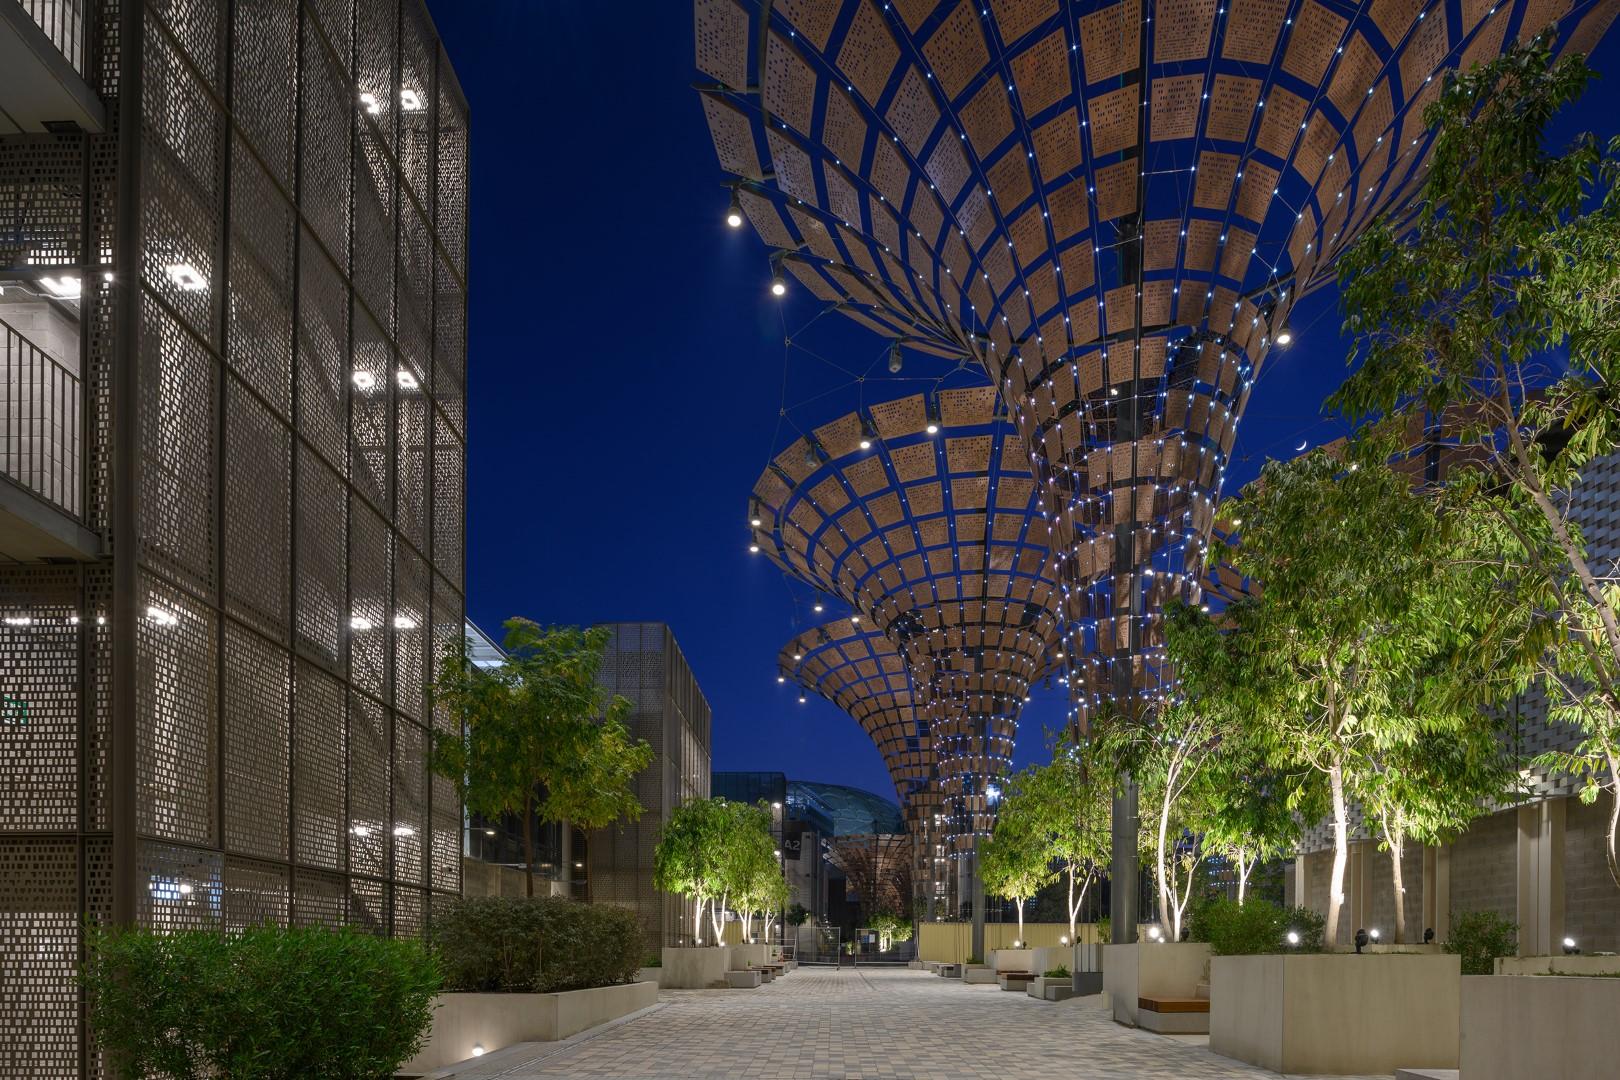 إكسبو 2020 دبي يختار 20 مشروعا إضافيا ضمن برنامج أفضل الممارسات العالمية